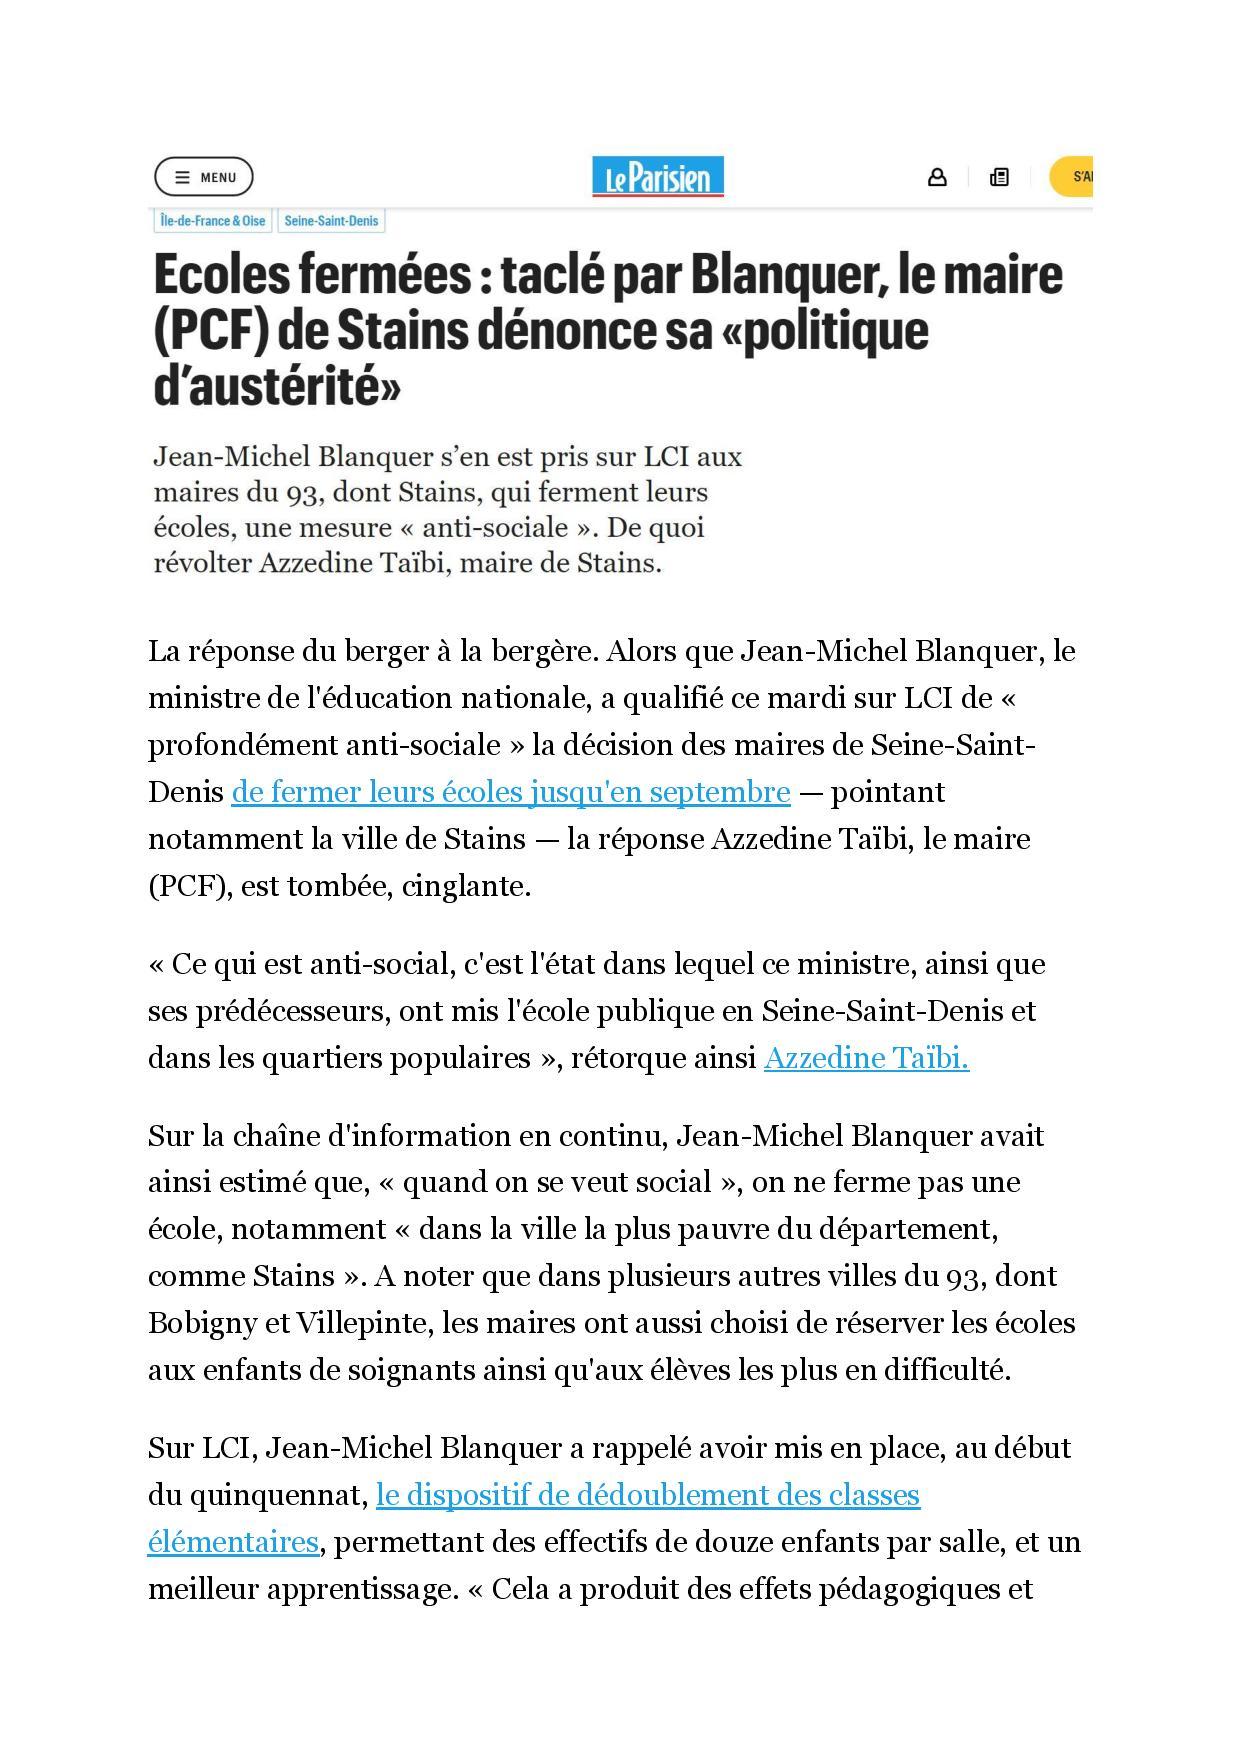 La_réponse_du_berger_à_la_bergère-page-001.jpg